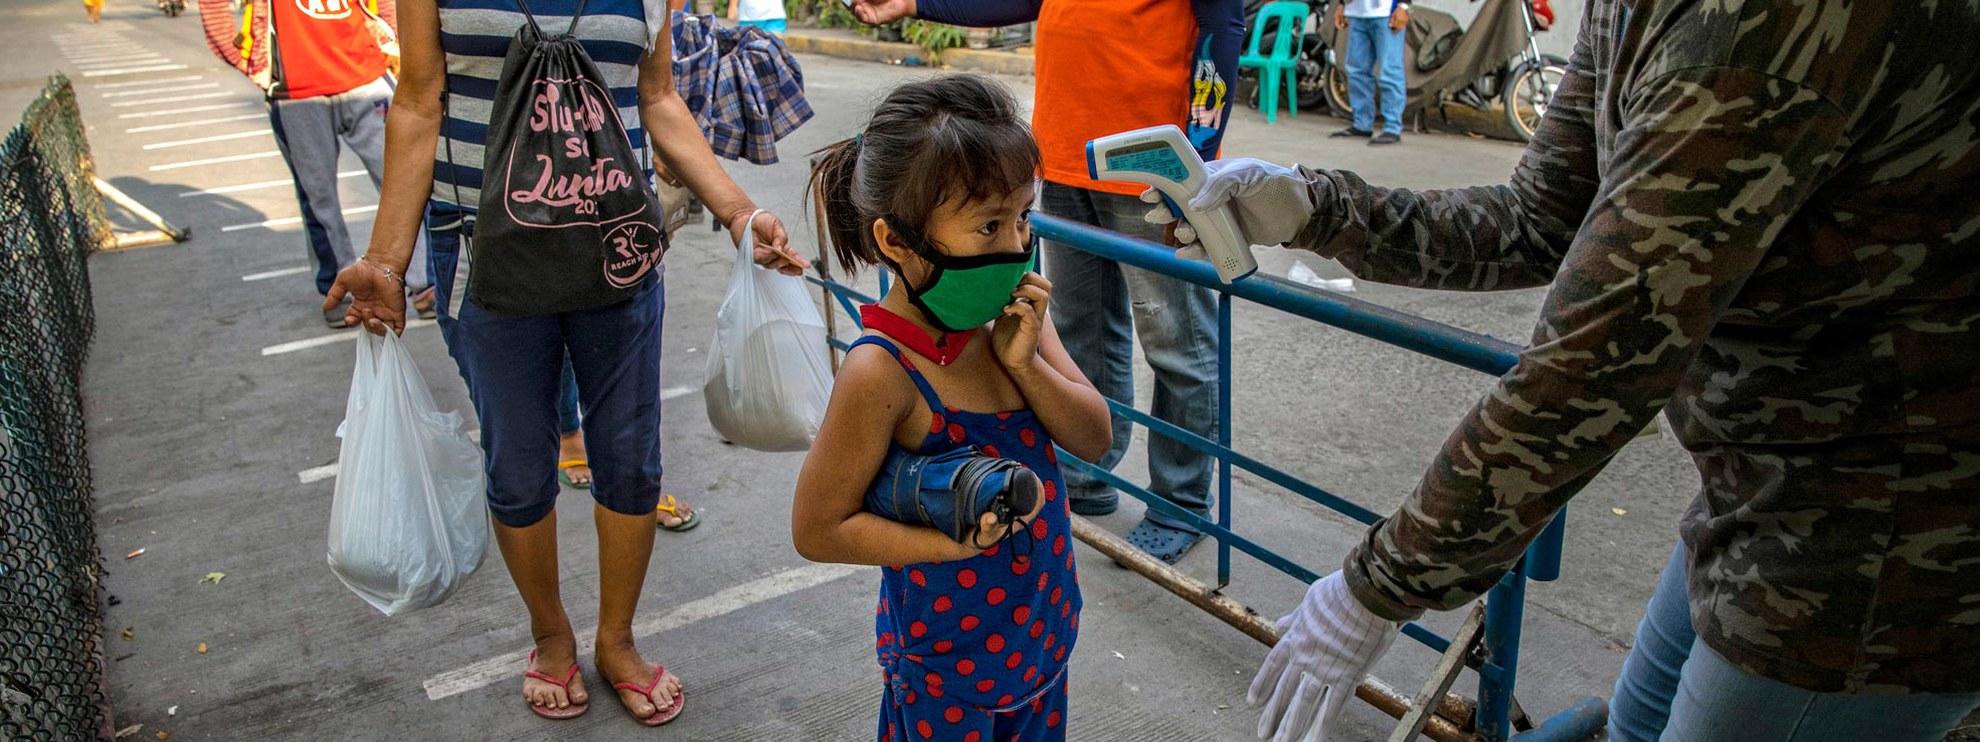 Keine Ausnahmen: Bevor es den Slum in Manila betreten darf, muss dieses Mädchen seine Körpertemperatur messen lassen. Präsident Rodrigo Duterte hatte Anfang April angeordnet, dass die Strafverfolgungsbehörden EinwohnerInnen sogar erschiessen dürfen, wenn sie während des Lockdowns bei der Verletzung der Quarantänevorschriften erwischt werden. © Ezra Acayan/Getty Images